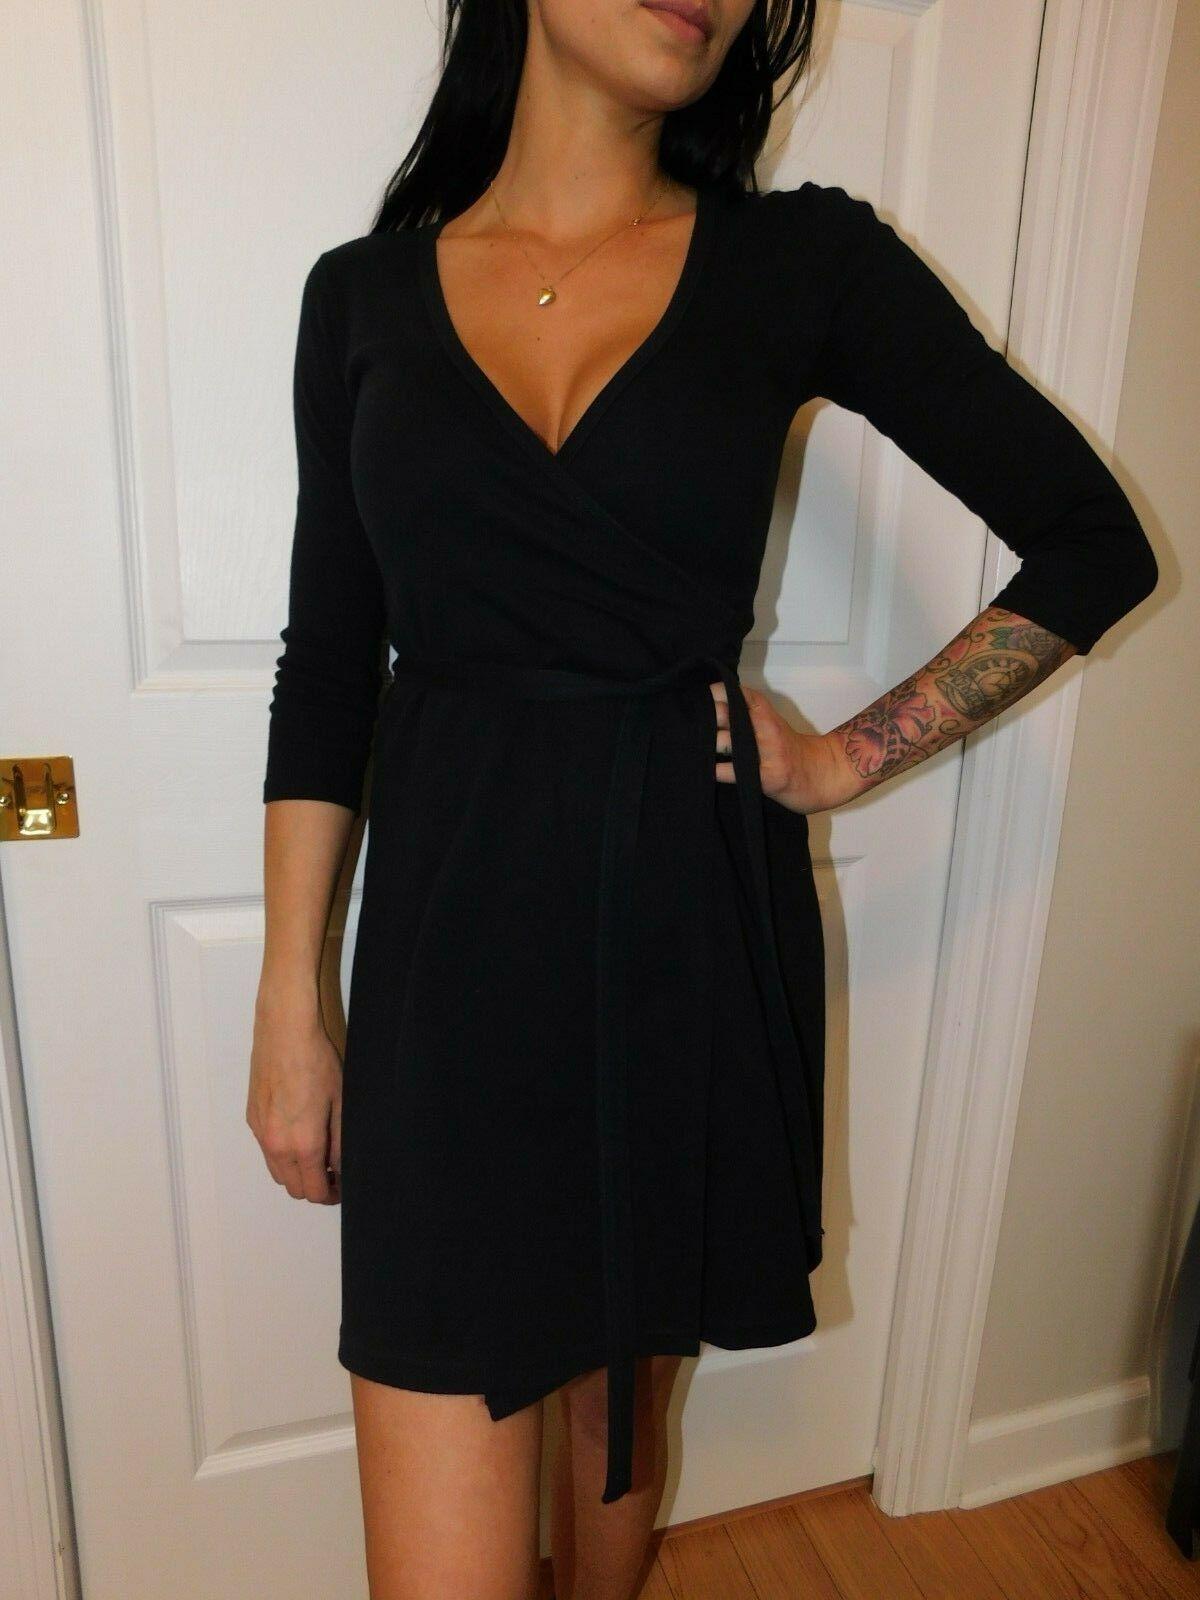 AMERICAN APPAREL Women's Black Wrap Dress Size US XS image 3